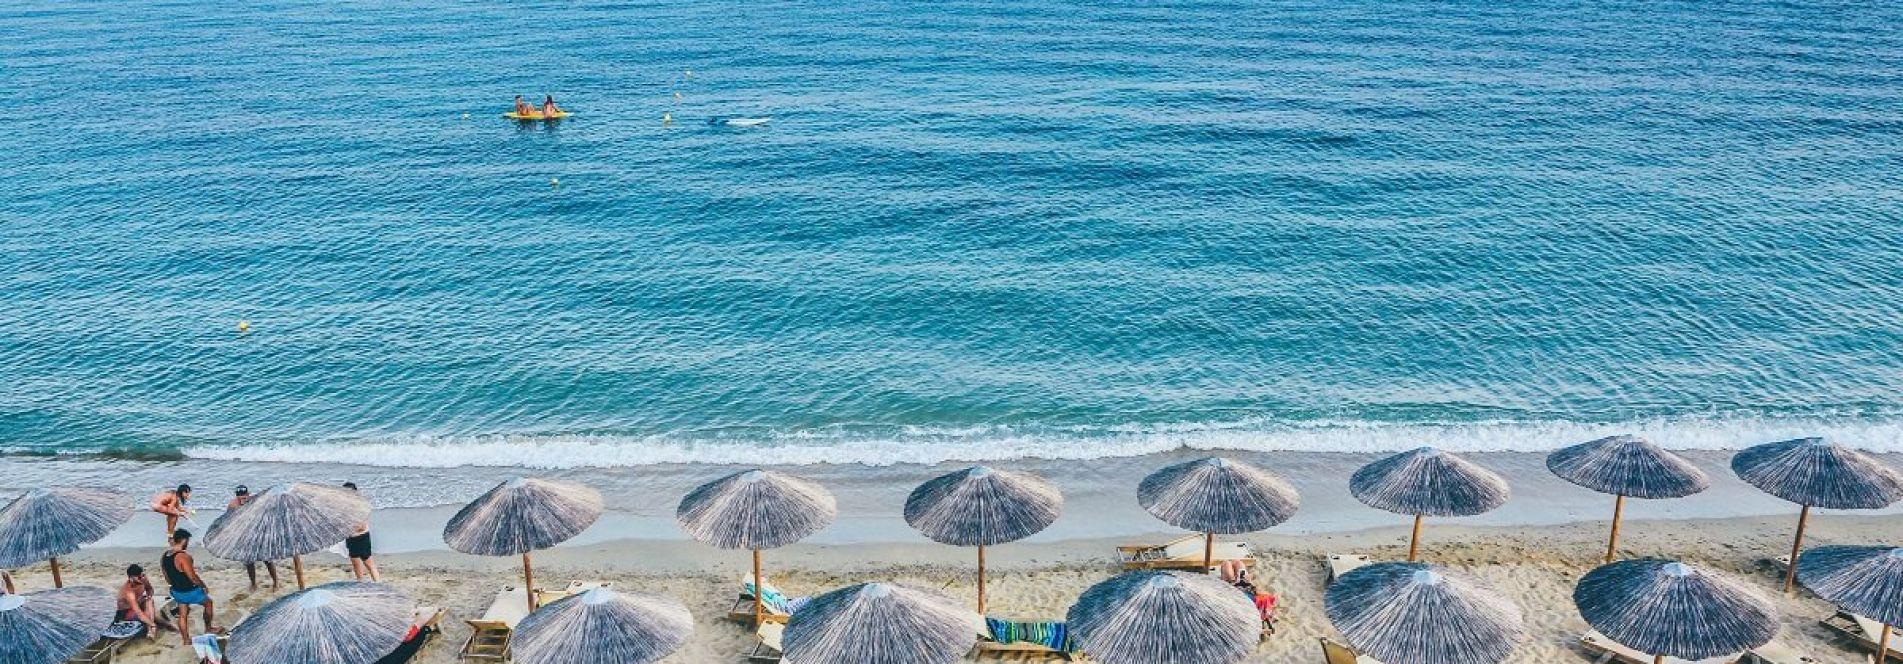 Ljetovanje na Mediteranu 2019. - FIRST MINUTE POPUST